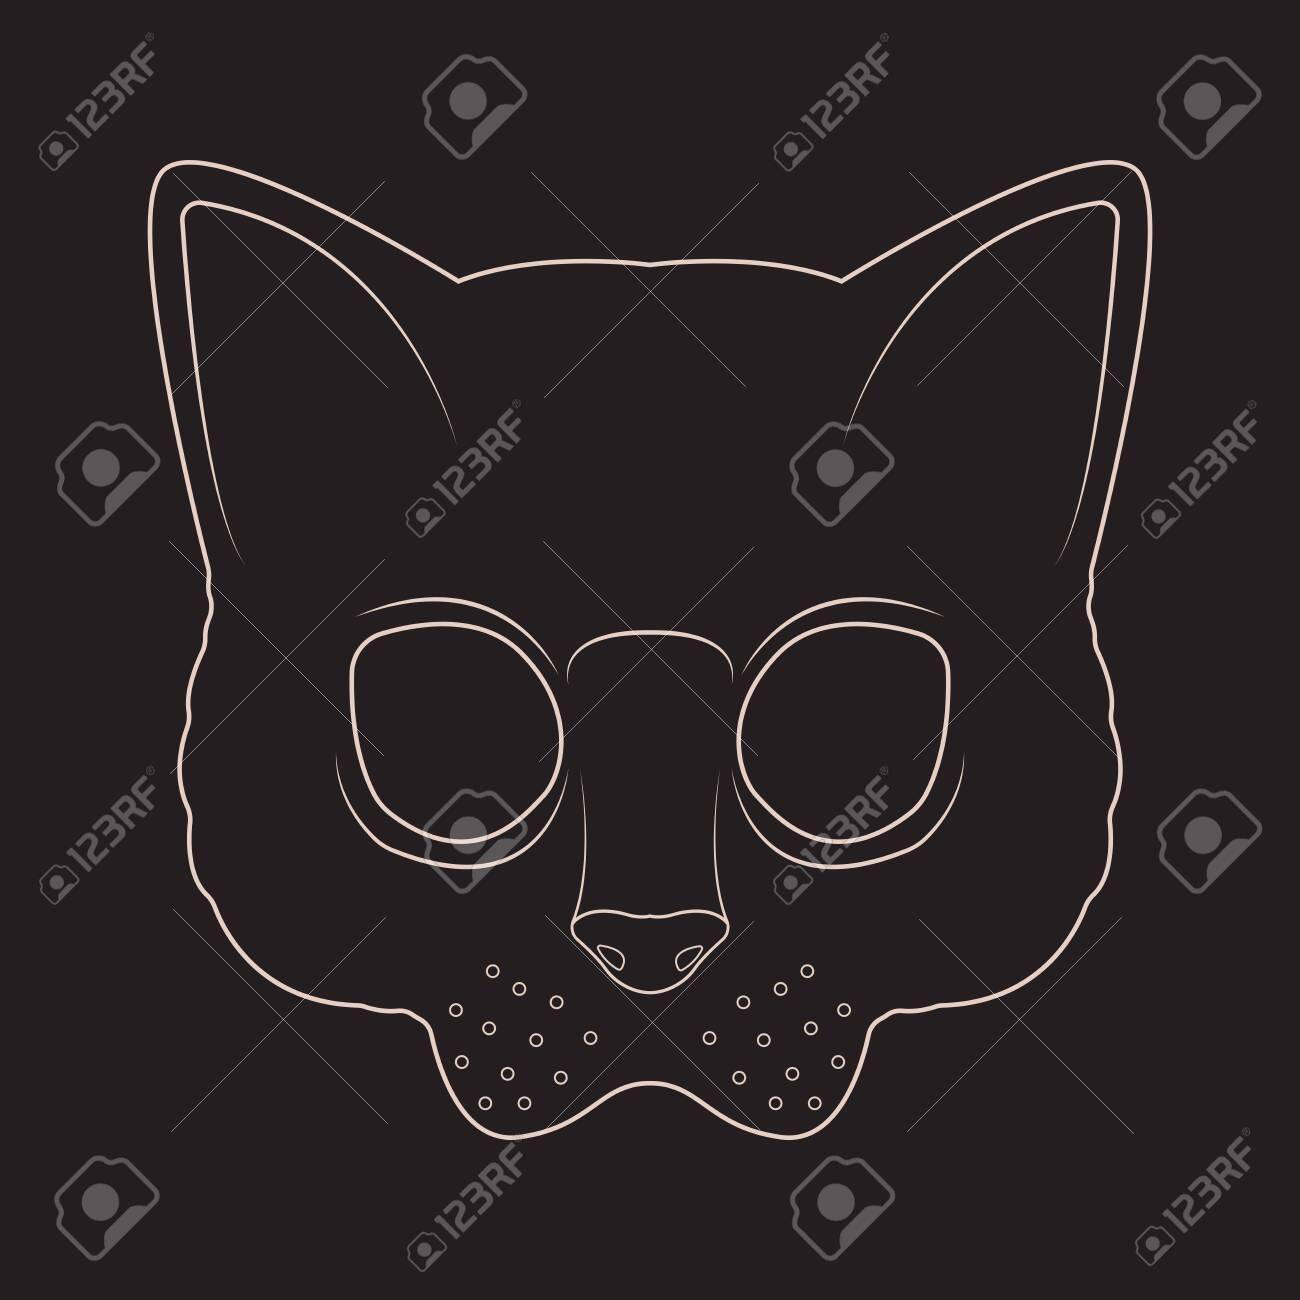 Cat msk line art - 151723090